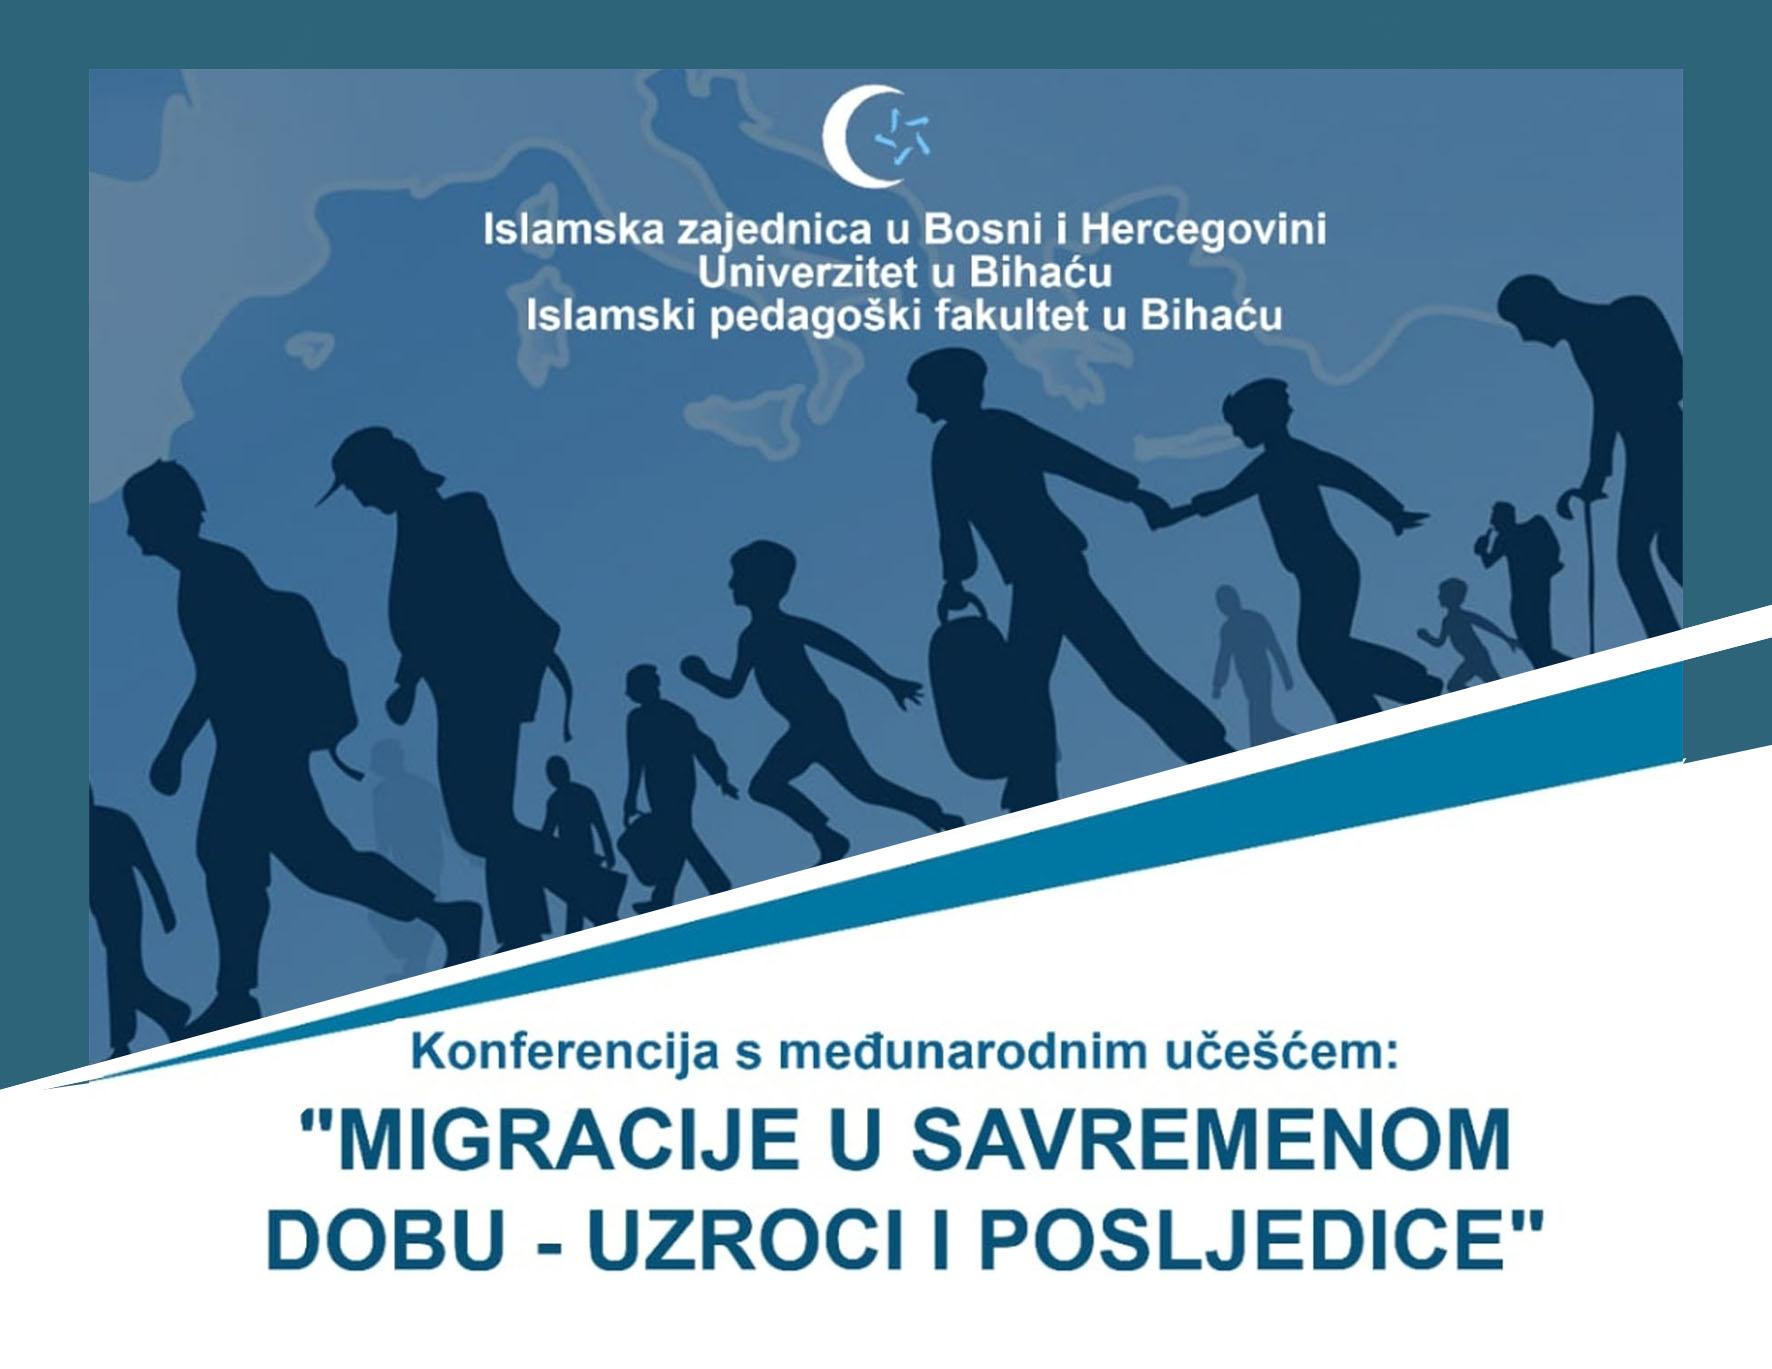 Islamski pedagoški fakultet Univerziteta u Bihaću organizira naučnu konferenciju o migracijama